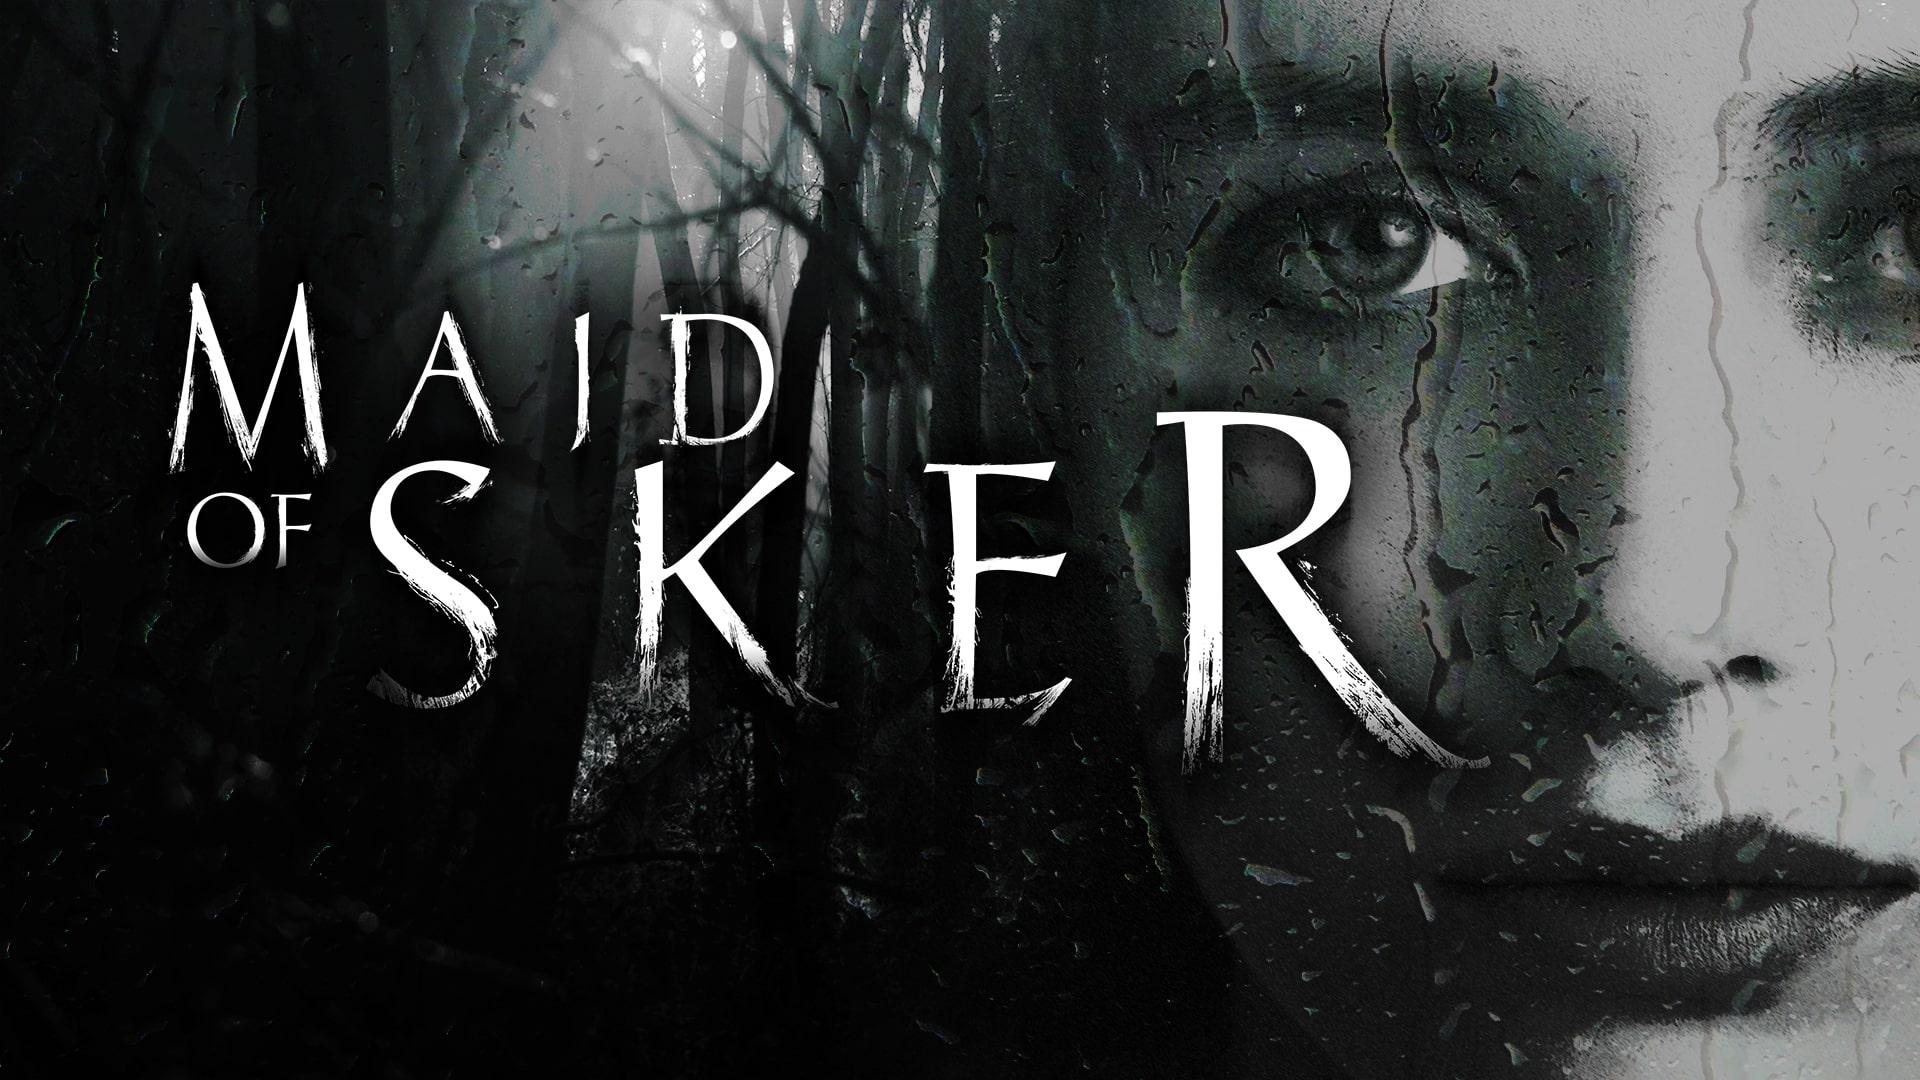 Maid Of Sker: Eine Nacht im walisischem Horror-Hotel